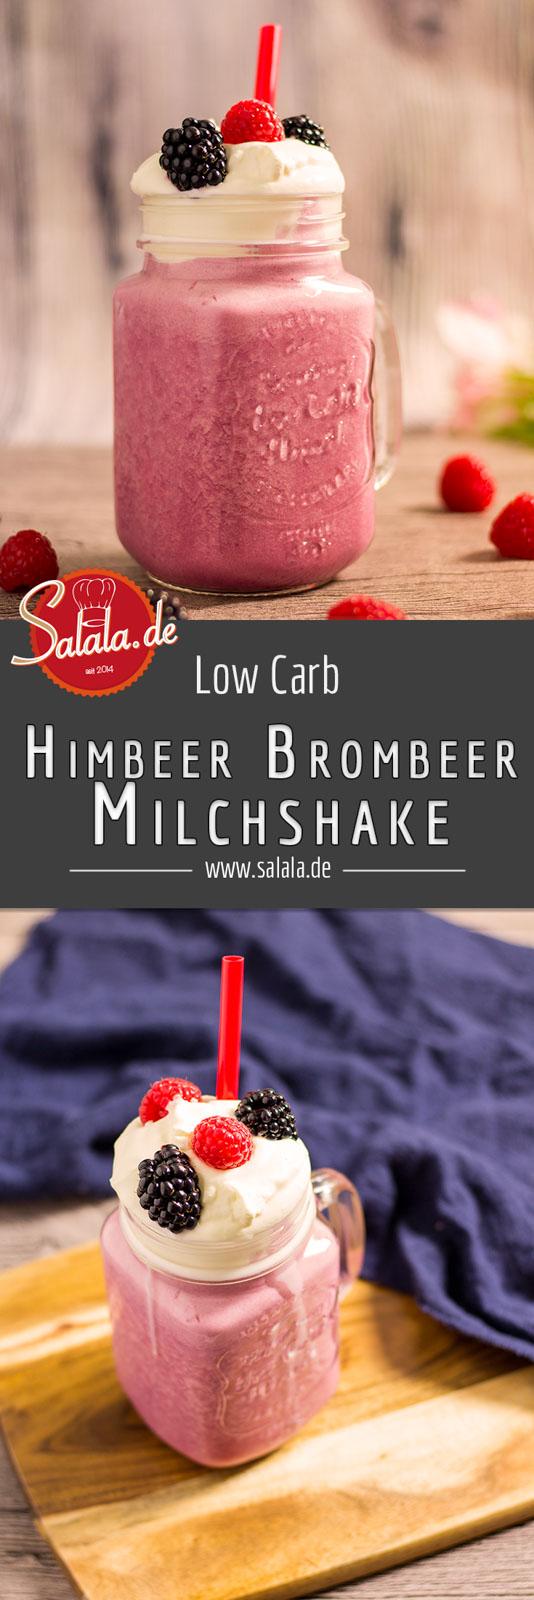 Himbeer Brombeer Milchshake ohne Zucker Low Carb Rezept mit Eismaschine Ibywind YF700